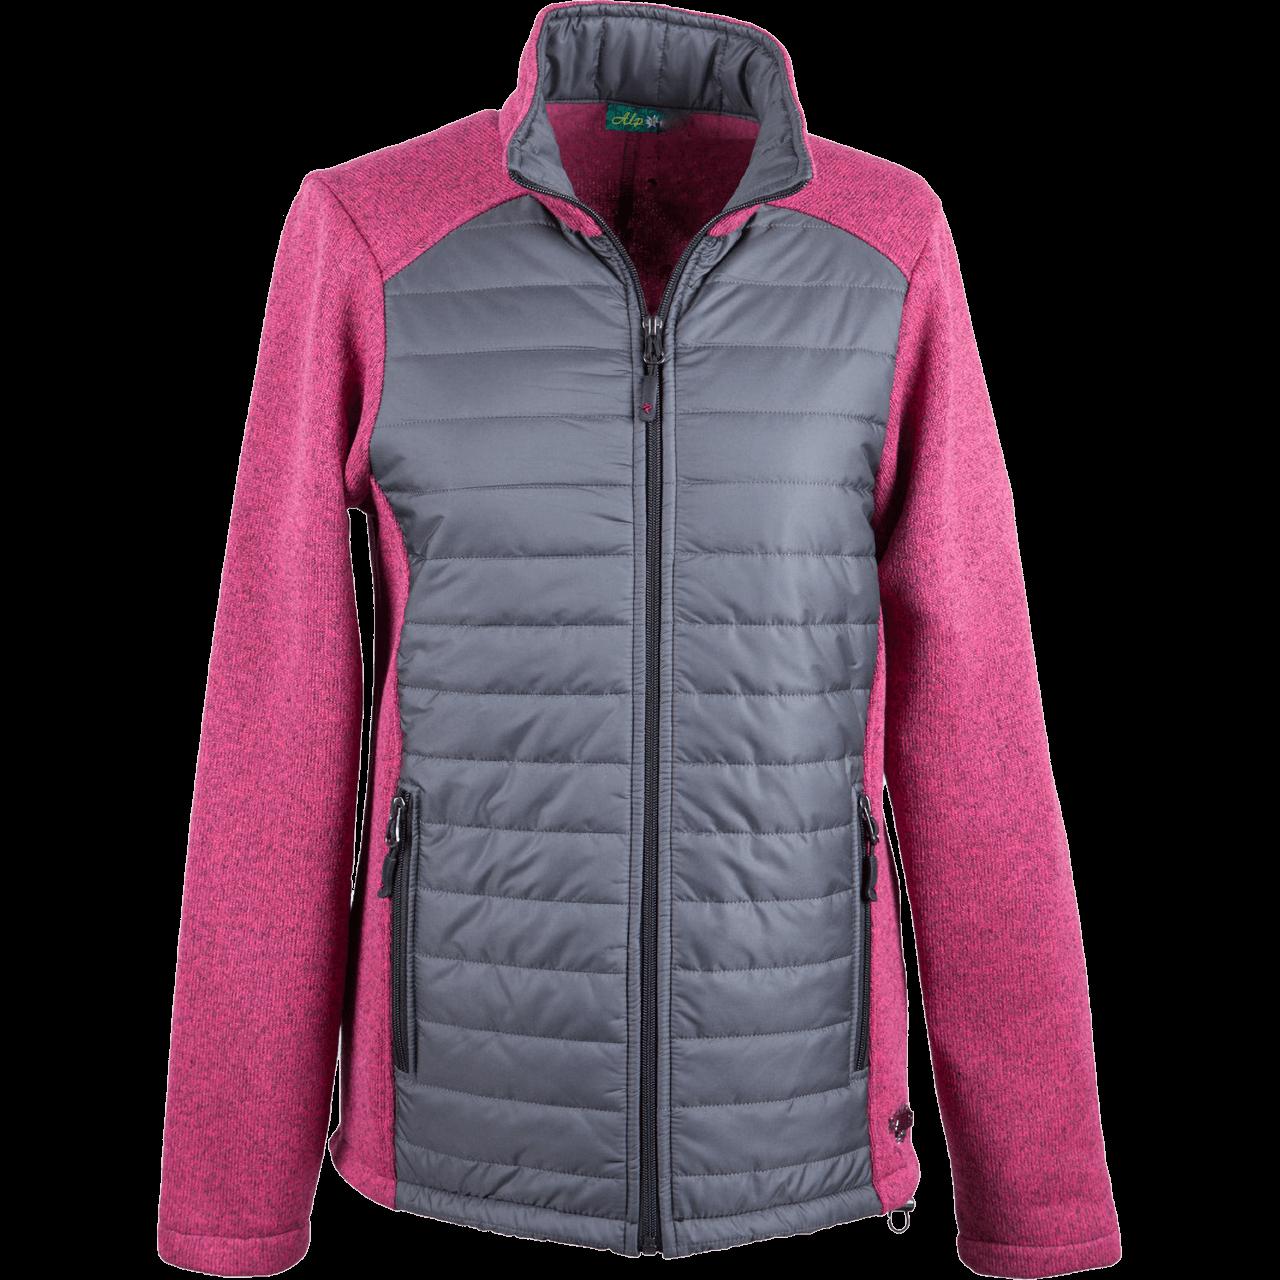 giacca-donna-324601-alp1964